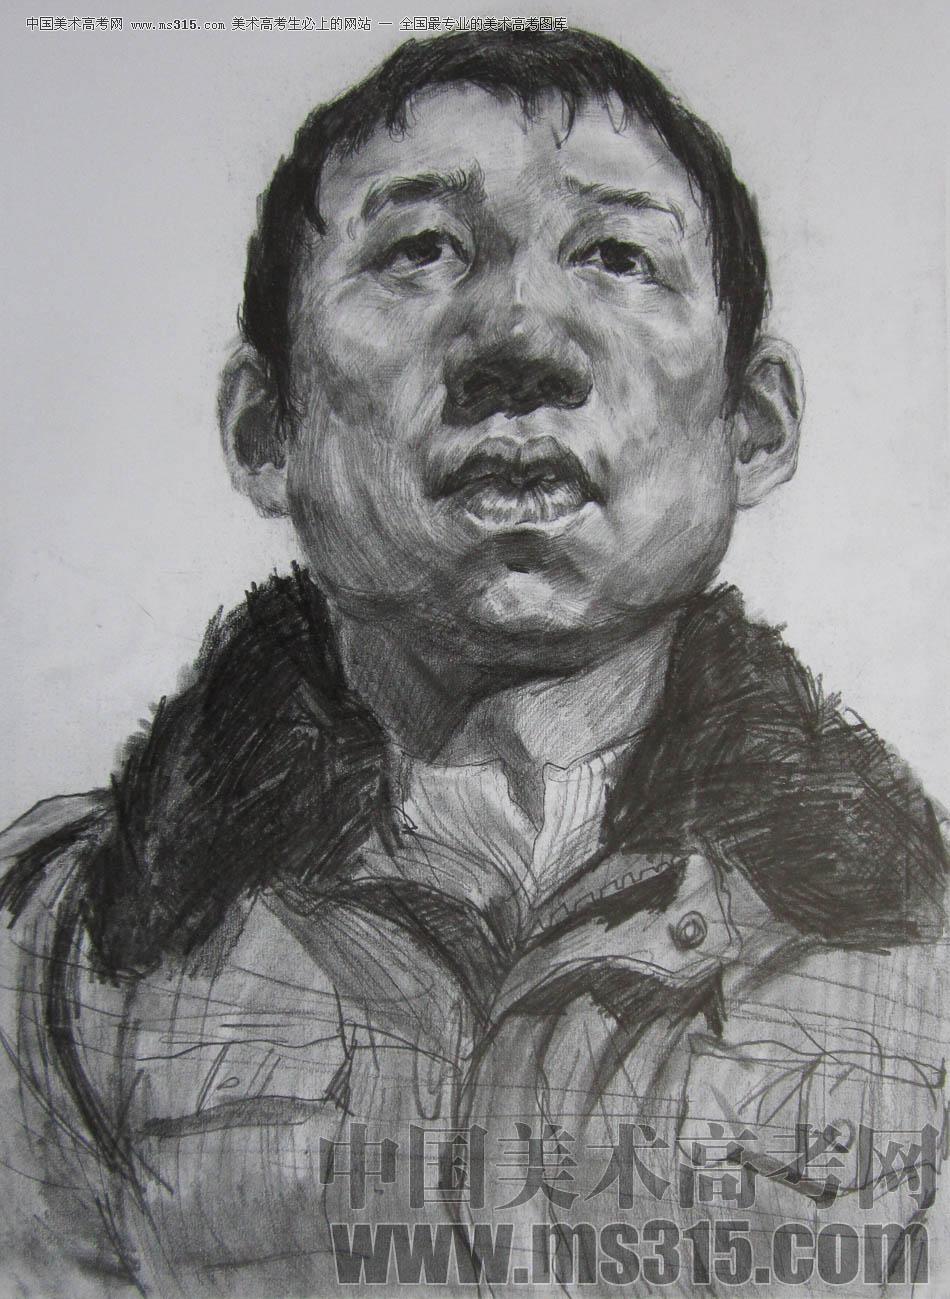 鲁迅美术学院2011年素描优秀试卷7